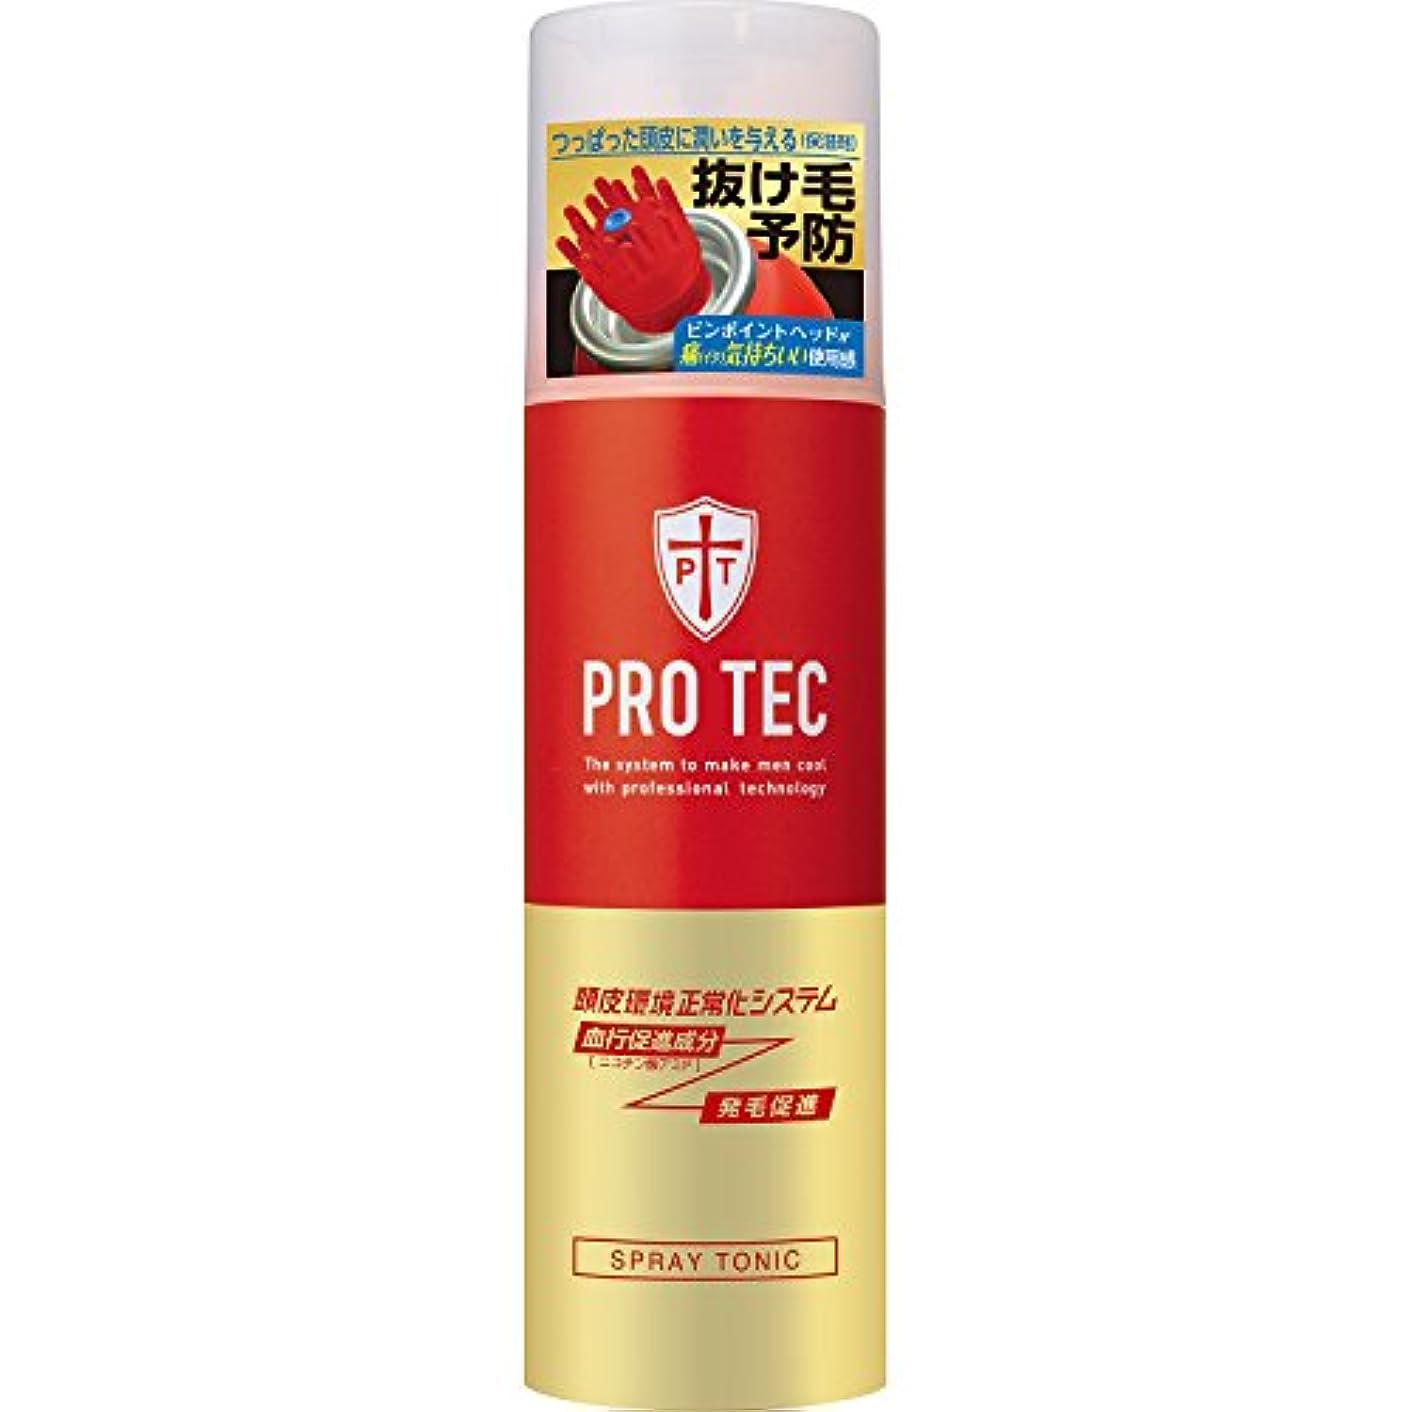 百万三角形改善PRO TEC(プロテク) スプレートニック 150g(医薬部外品)